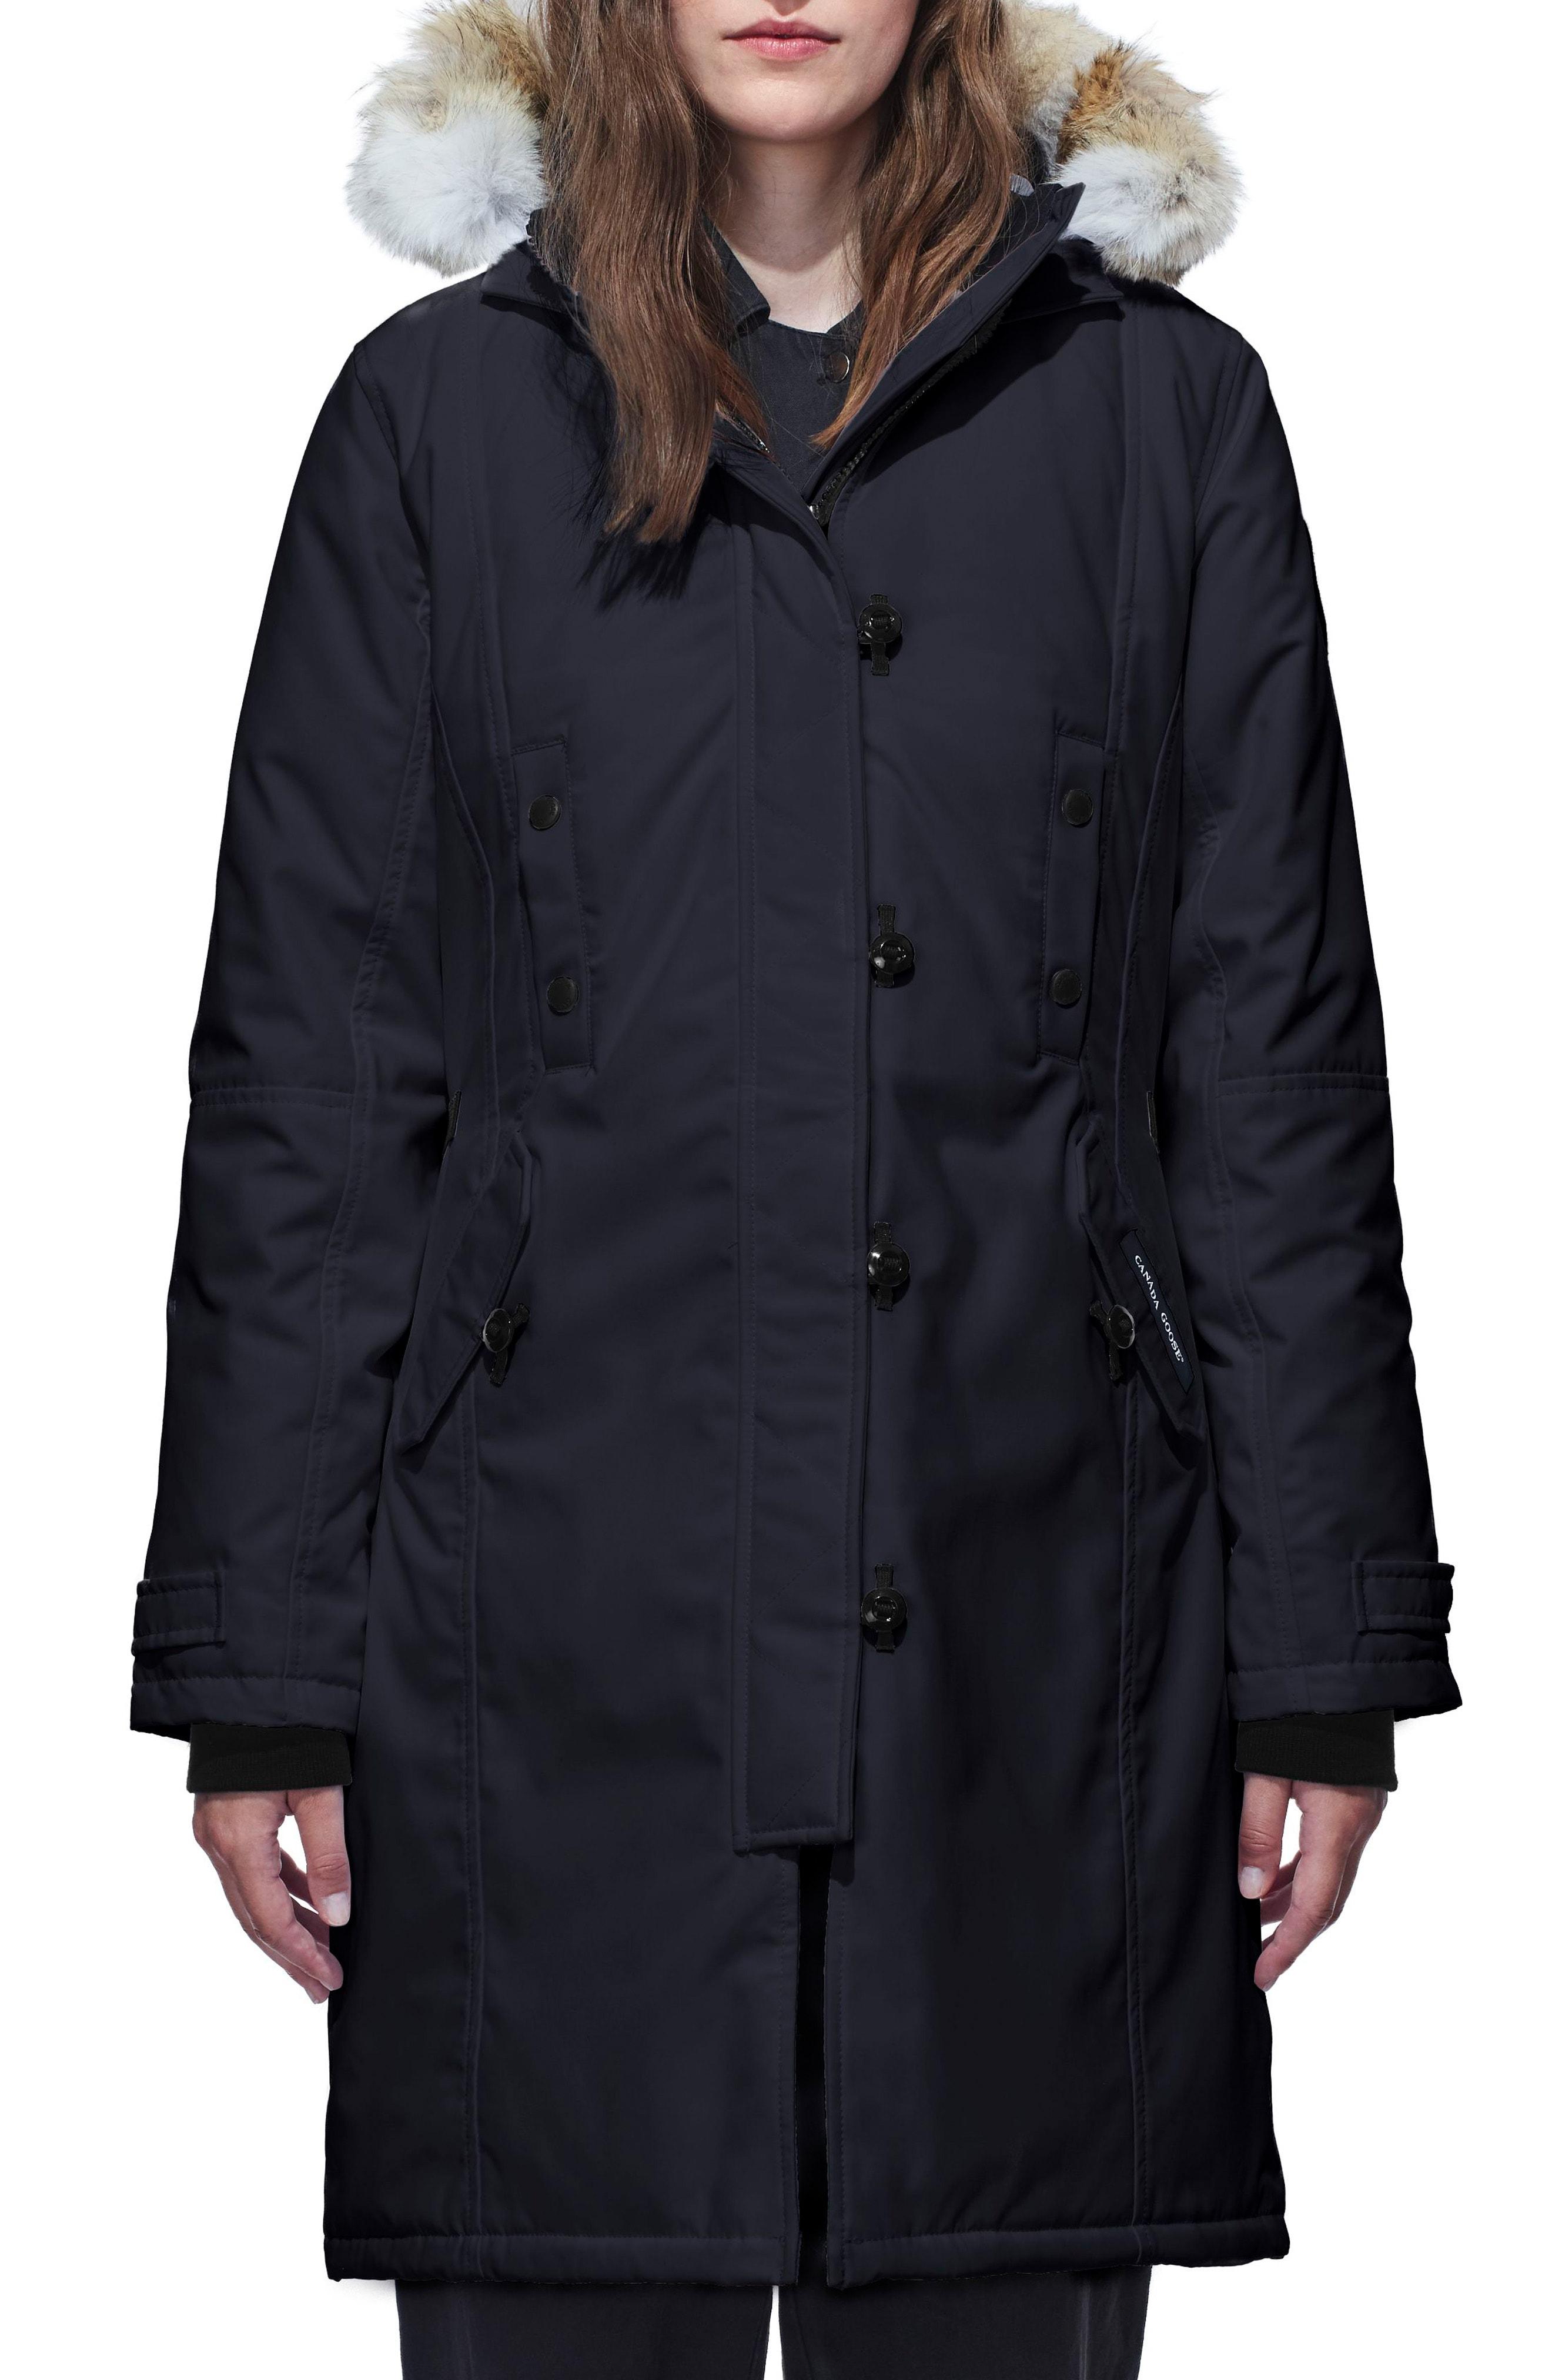 Women's Fur Coats & Faux-Fur Coats   Nordstrom